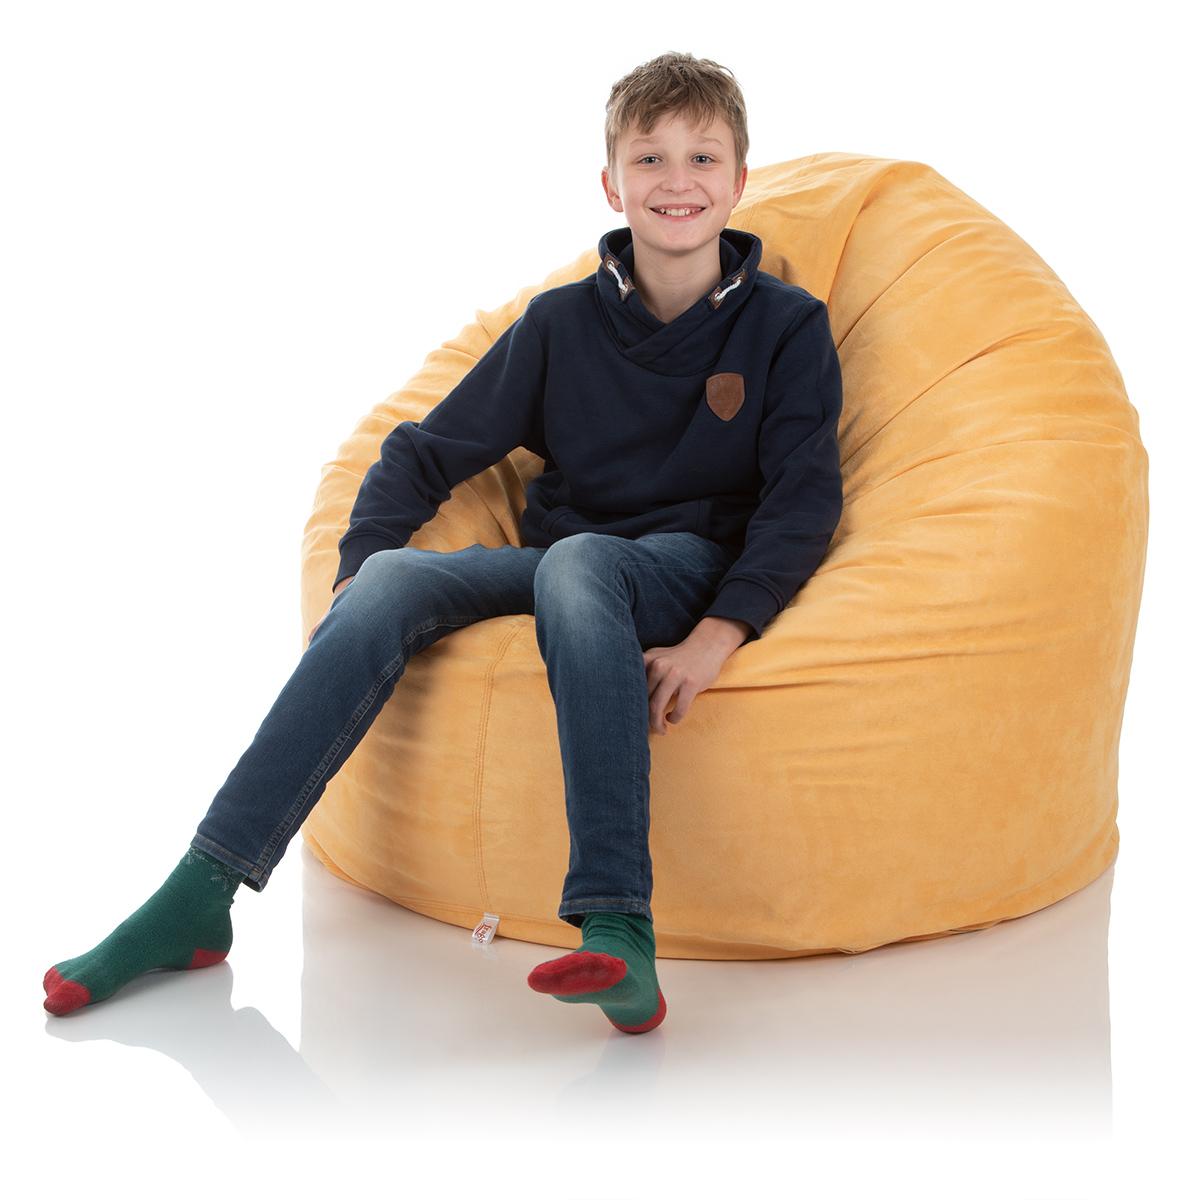 Riesen-Sitzsack XXL für das Kinderzimmer oder Wohnzimmer in gelb-sand mit ca. 1000 Liter Füllmaterial